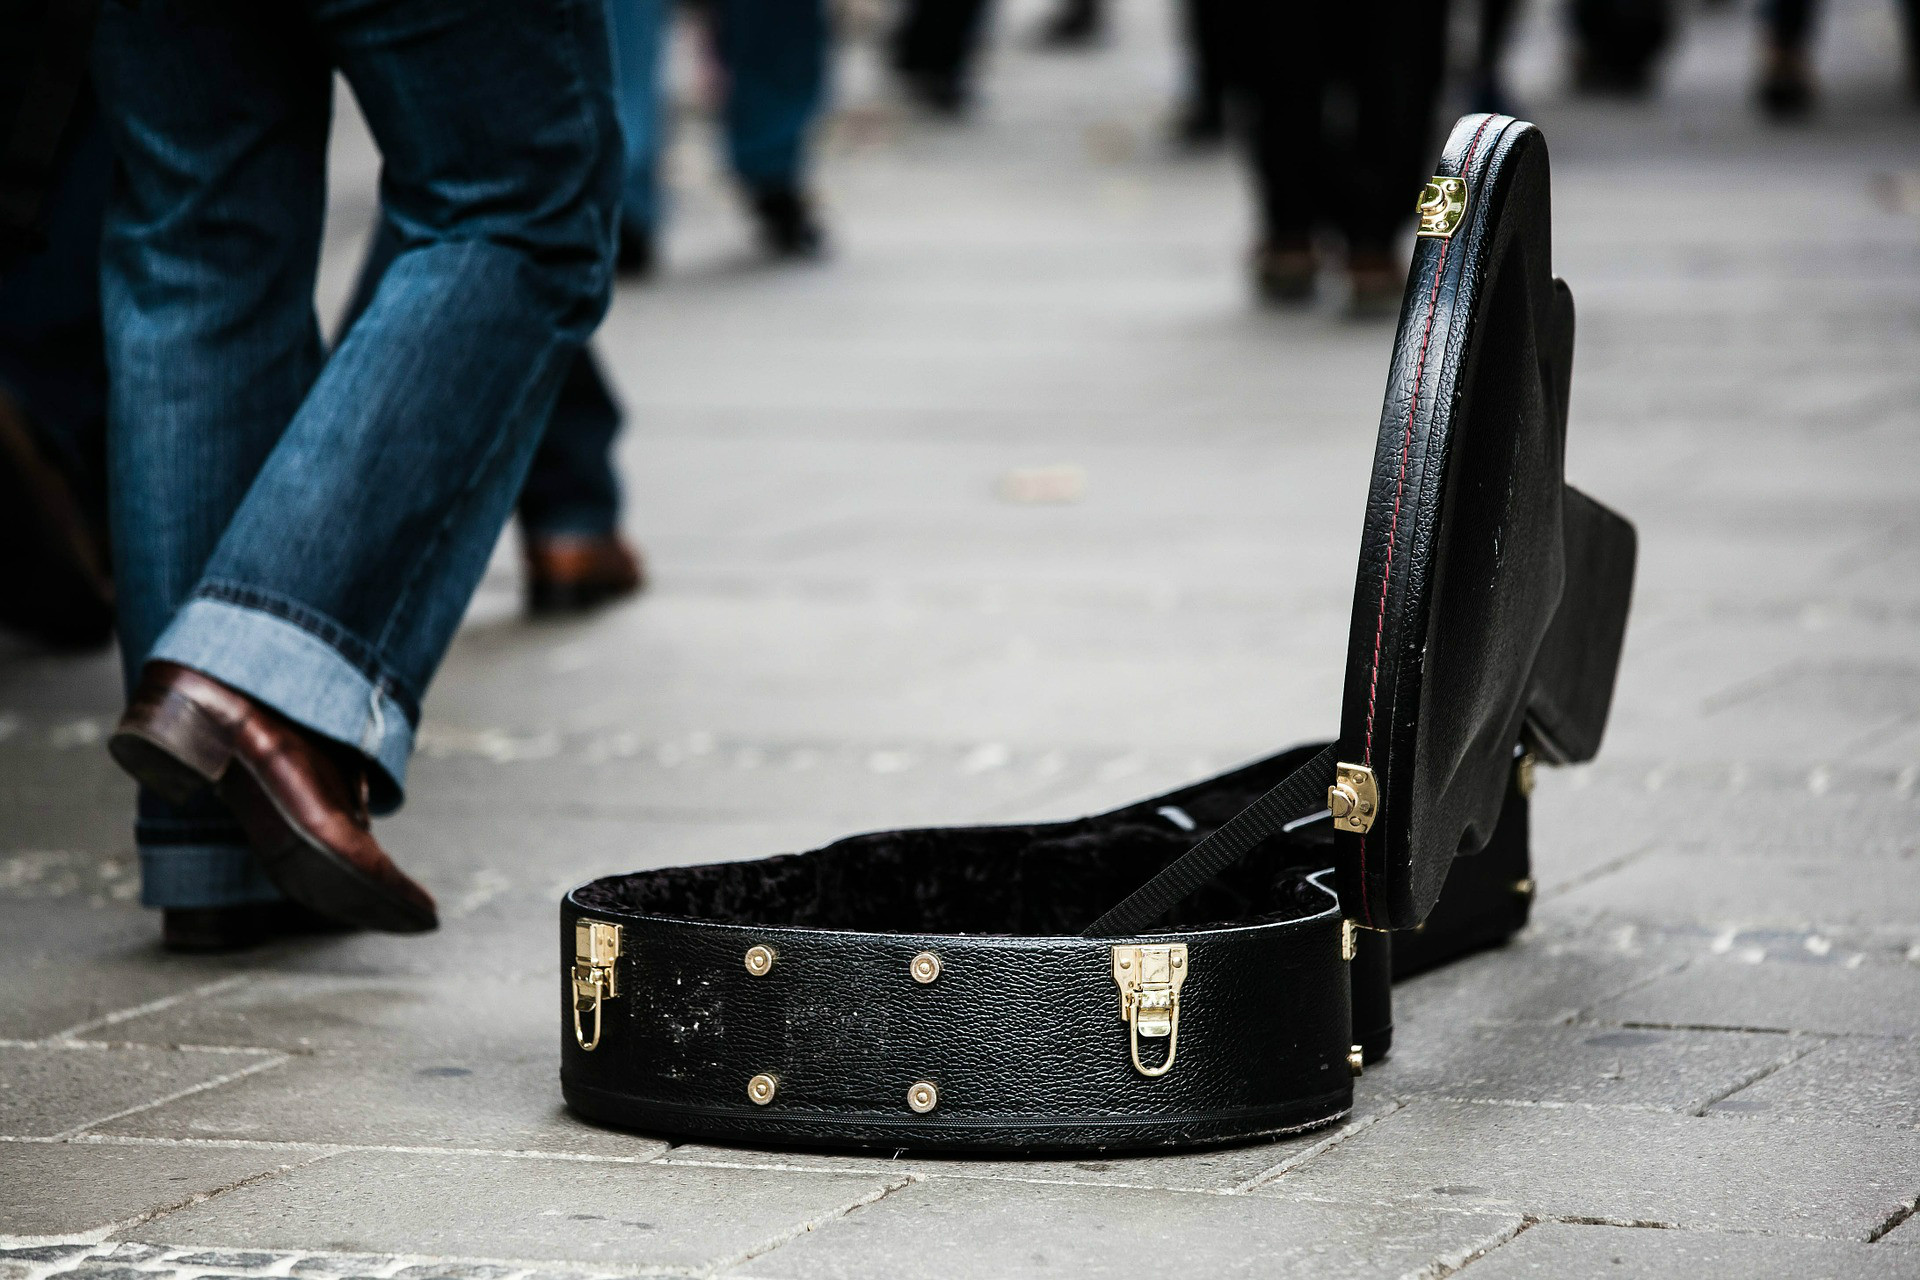 ¿Tocar la guitarra durante un viaje? Cómo transportarla